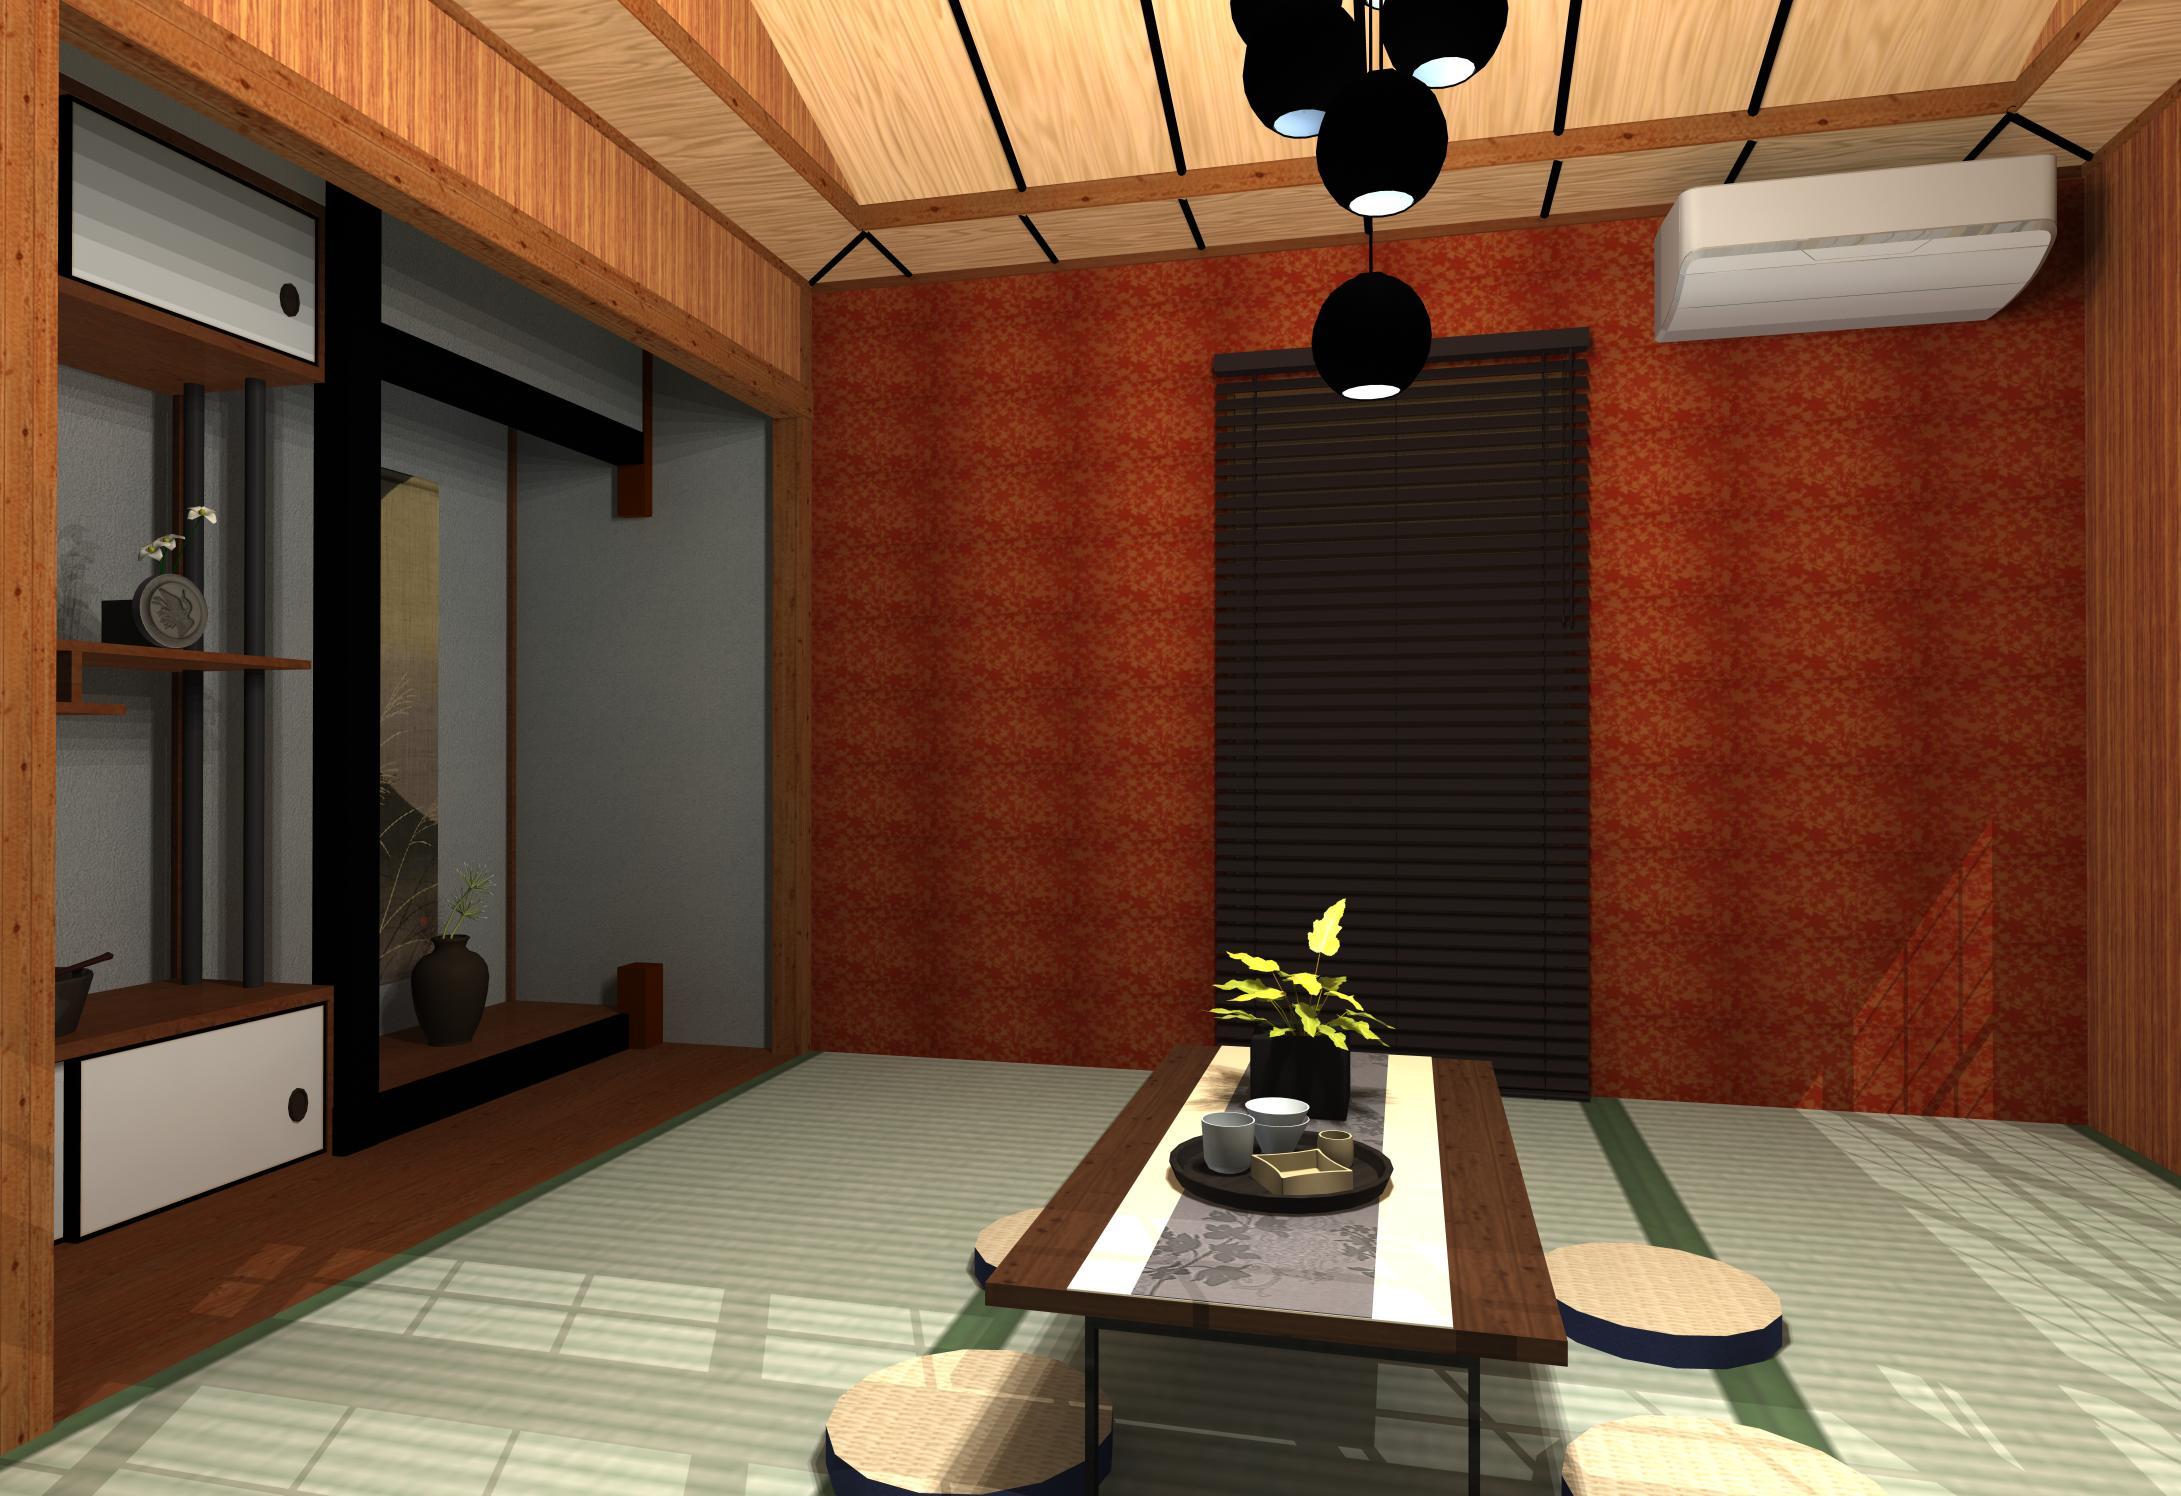 色と季節を楽しむ「丸」のある和+少しモダン和室インテリア